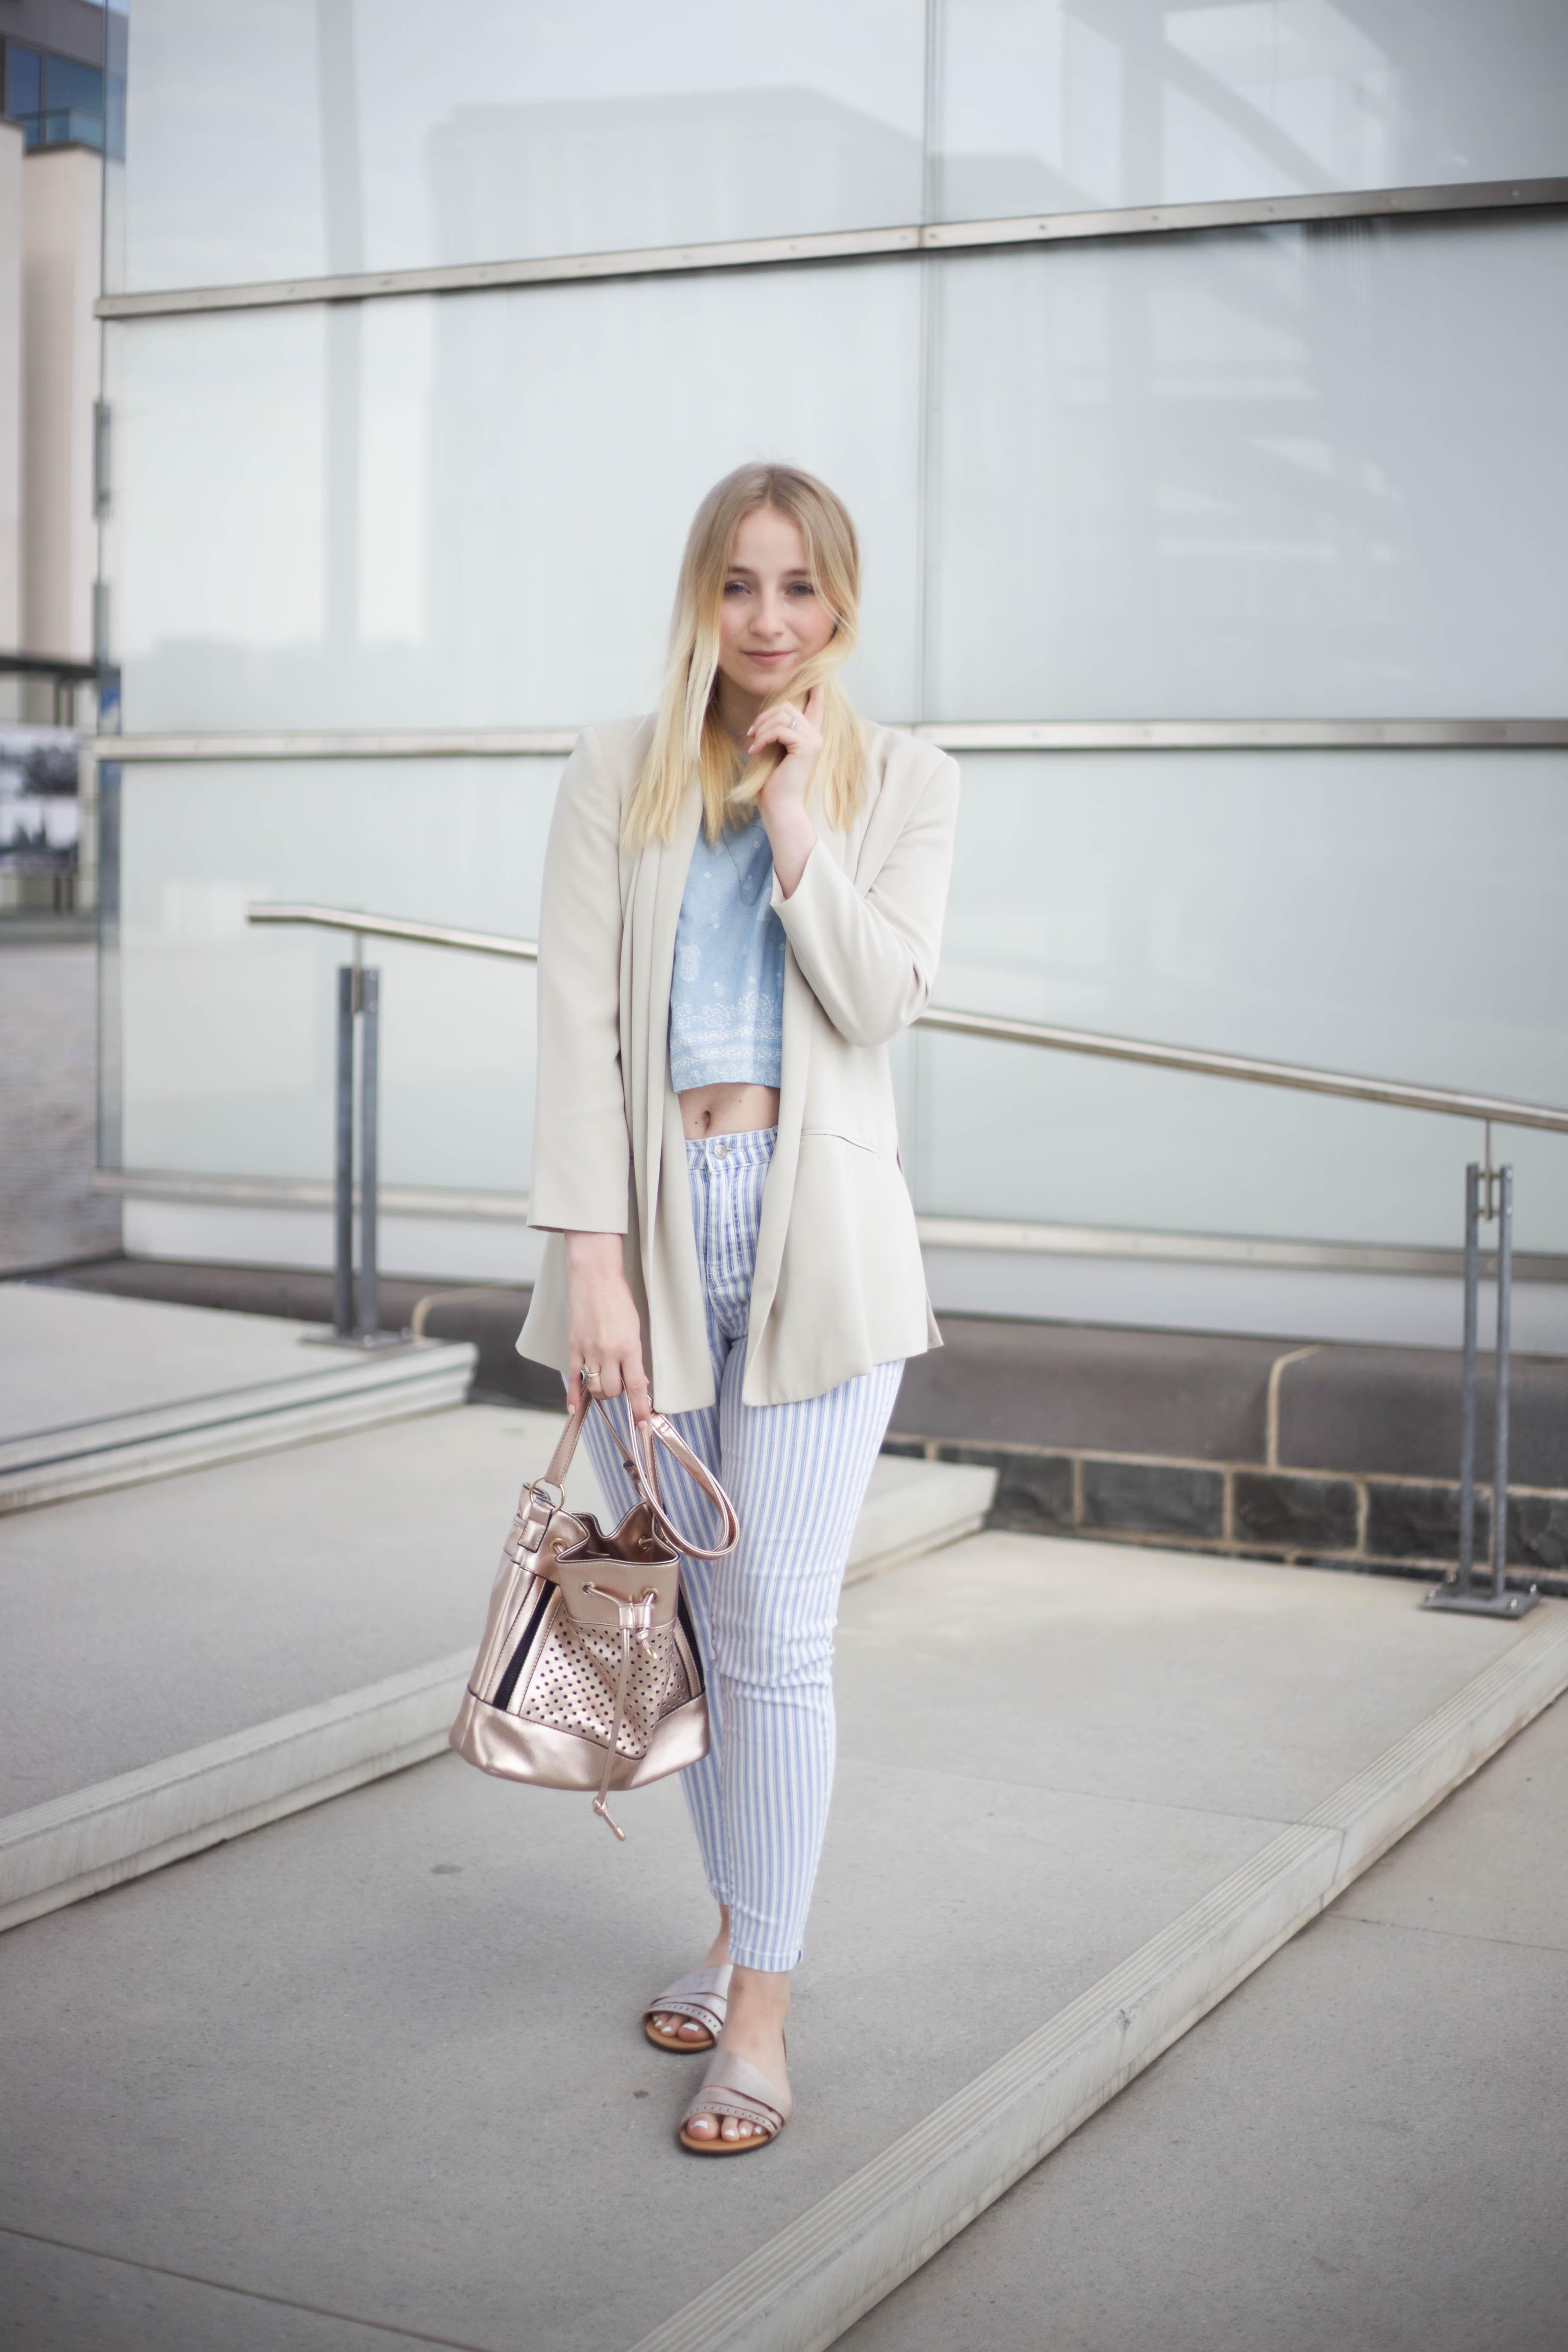 striped-jeans-helle-farben-kölnbloggt-frühlingsoutfit-modeblog_5813